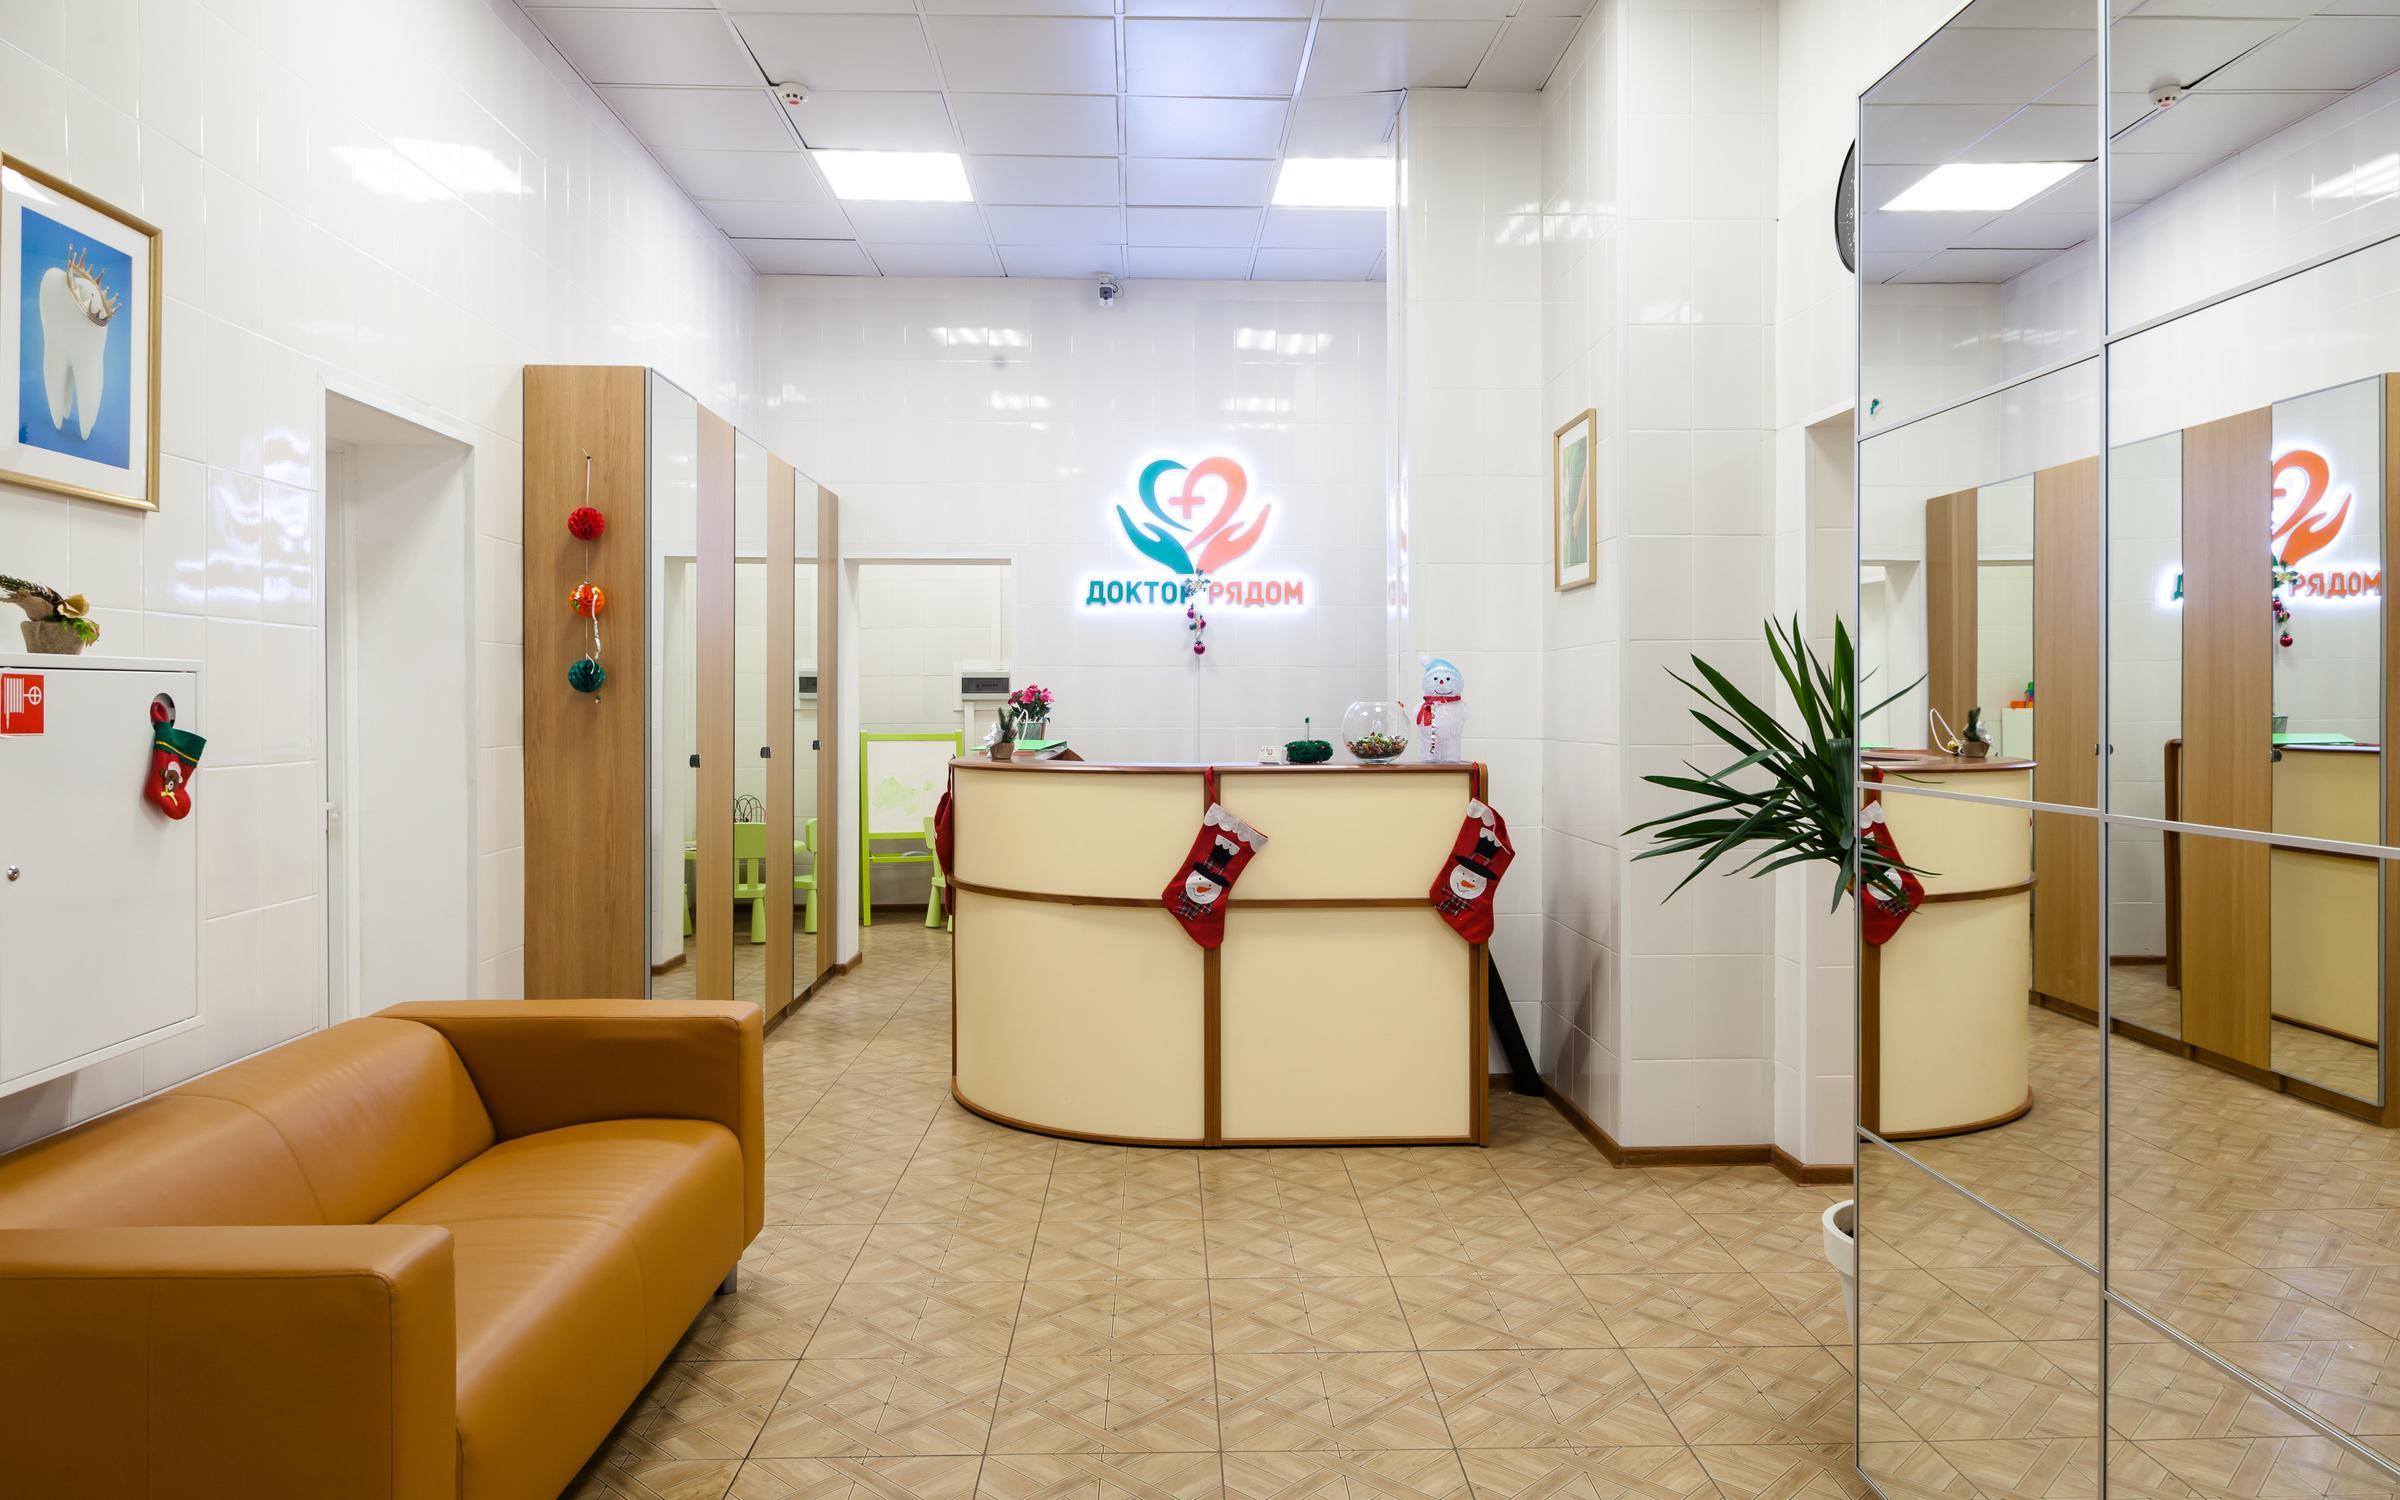 фотография Семейной клиники Доктор Рядом на метро Славянский бульвар